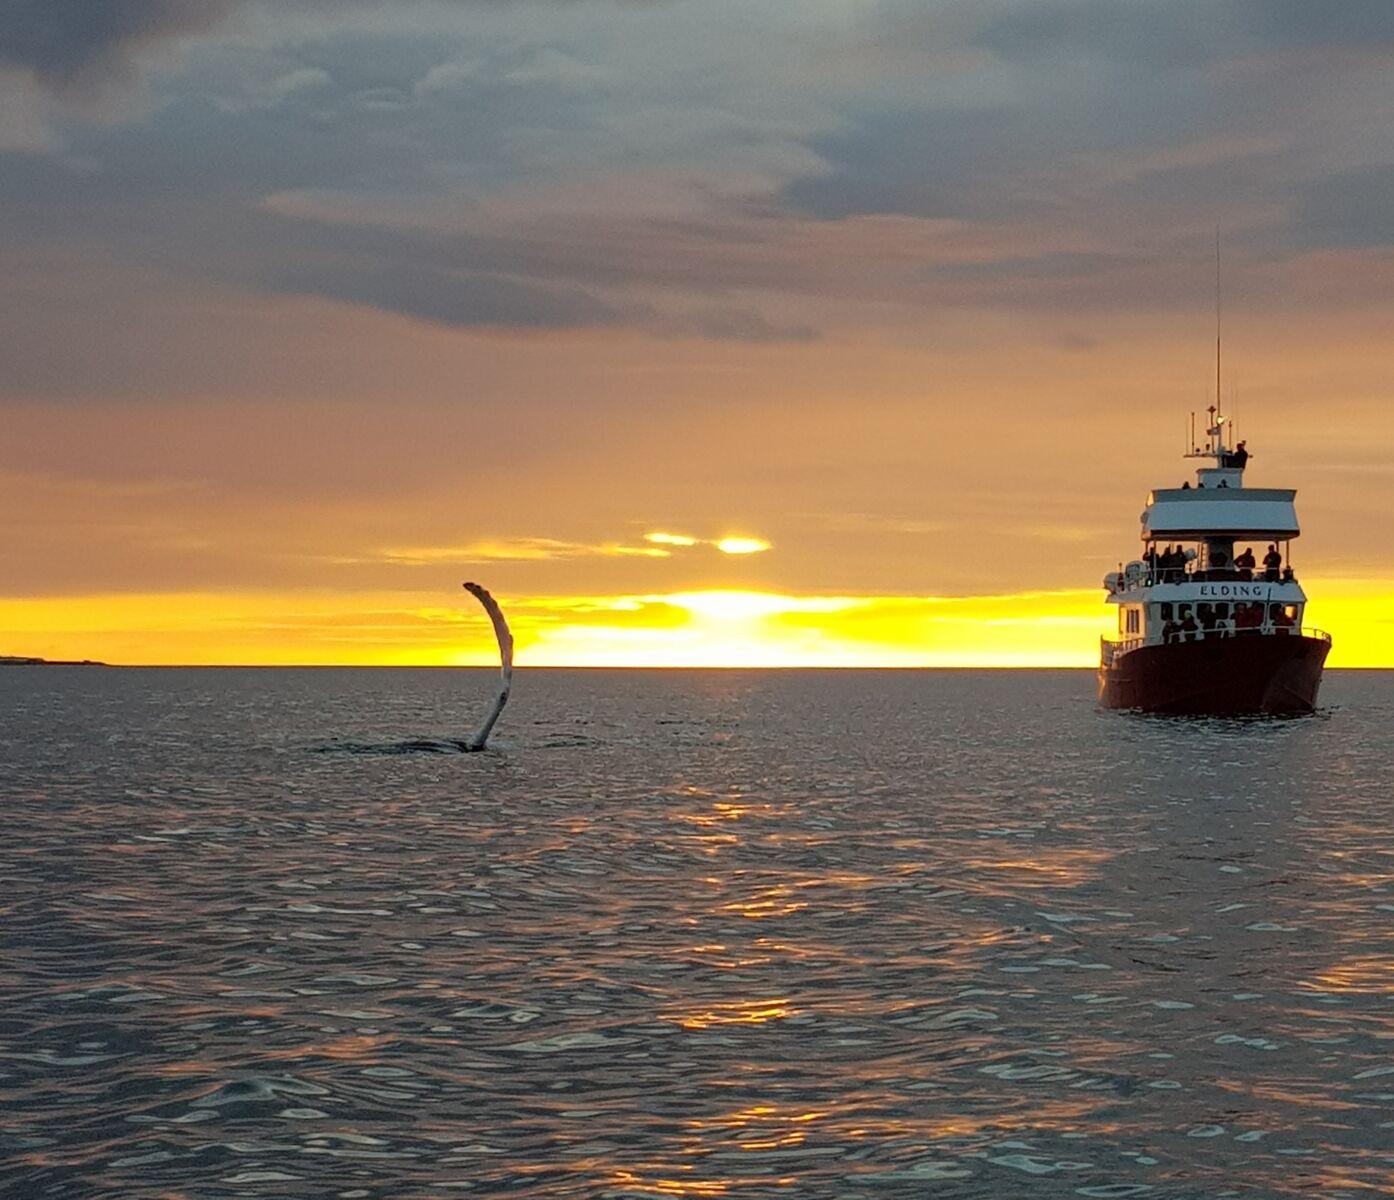 Le soleil de minuit brille sur l'océan lorsqu'une baleine brise la surface.